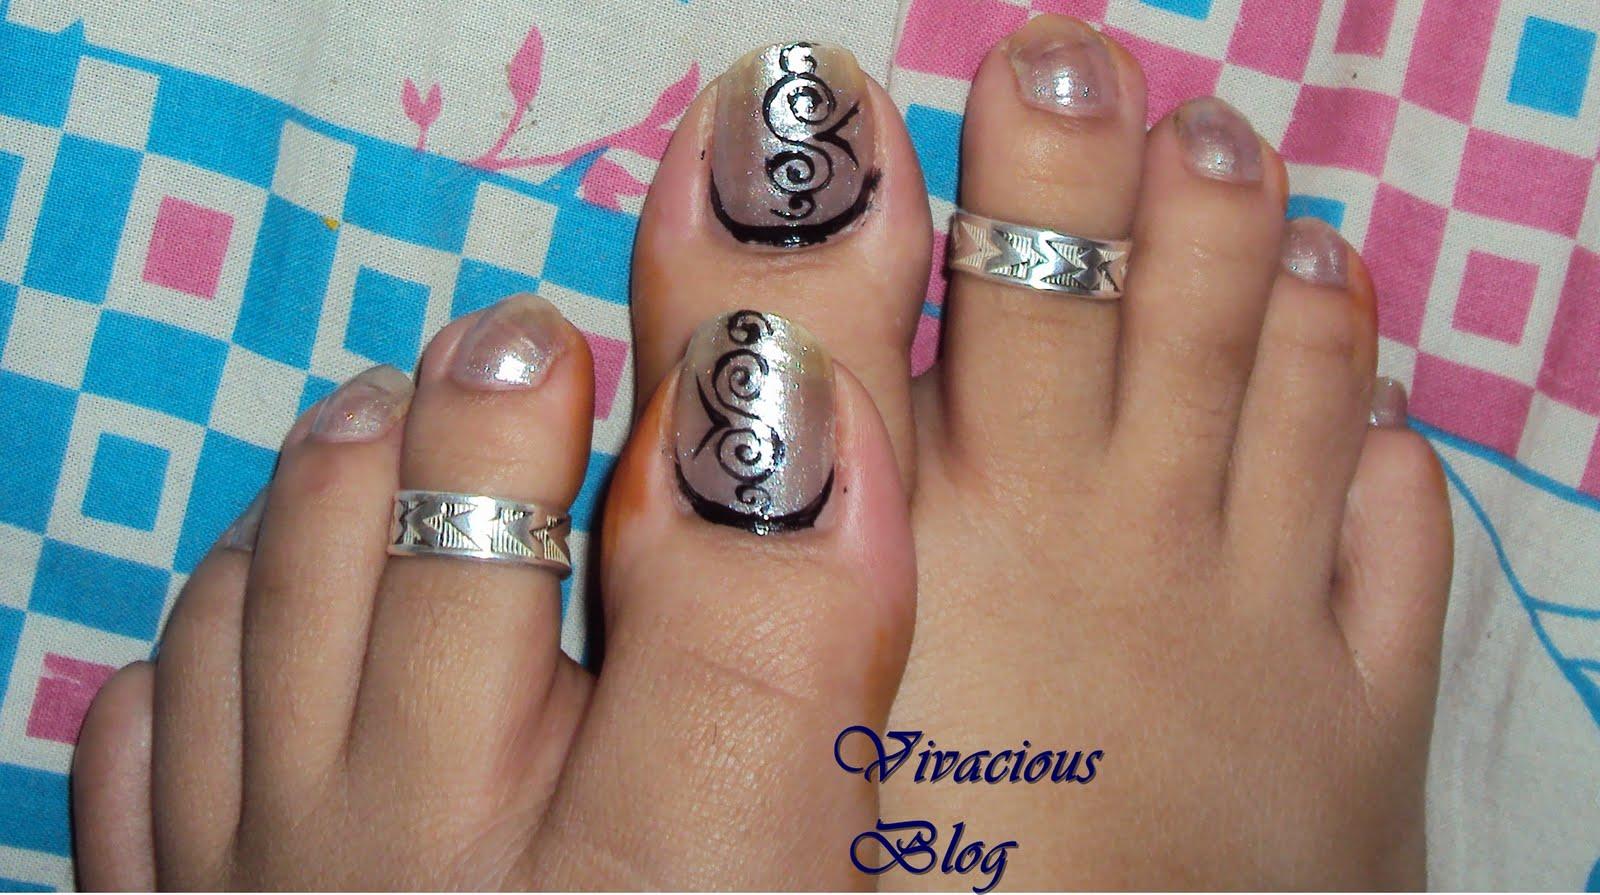 Vivacious Blog: Toe Nail Art